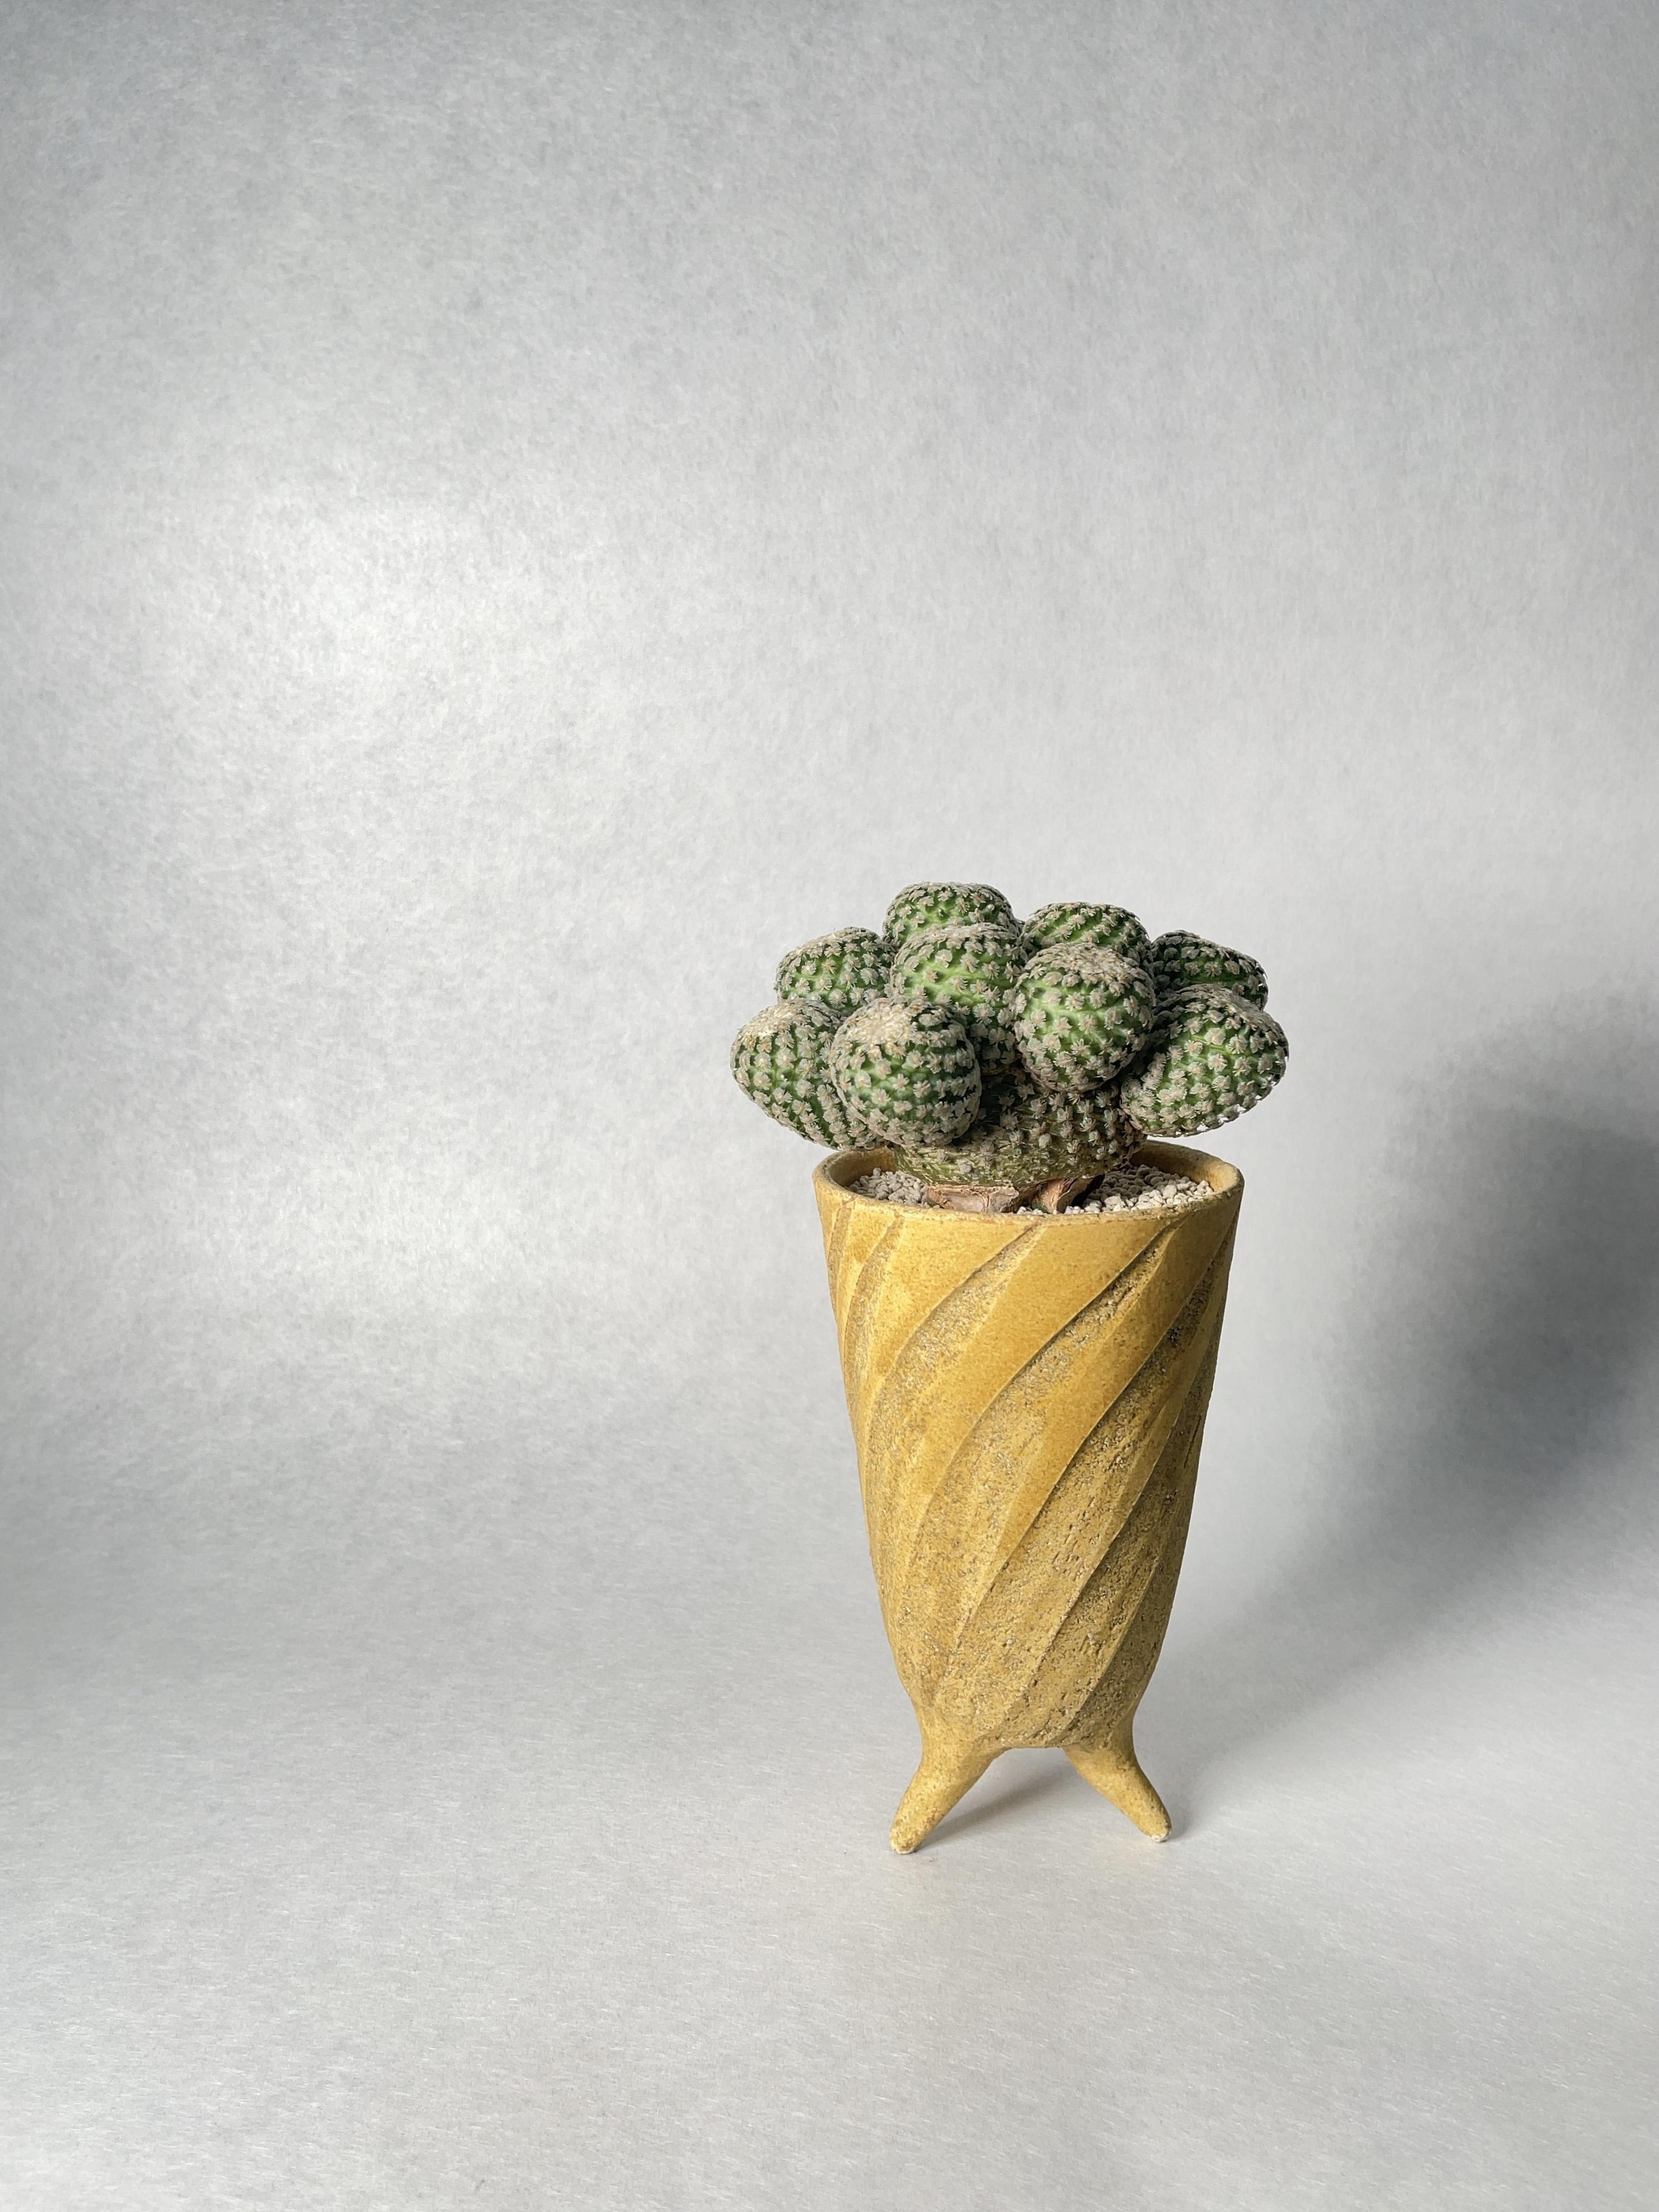 ツルビニカルプス・バラ丸